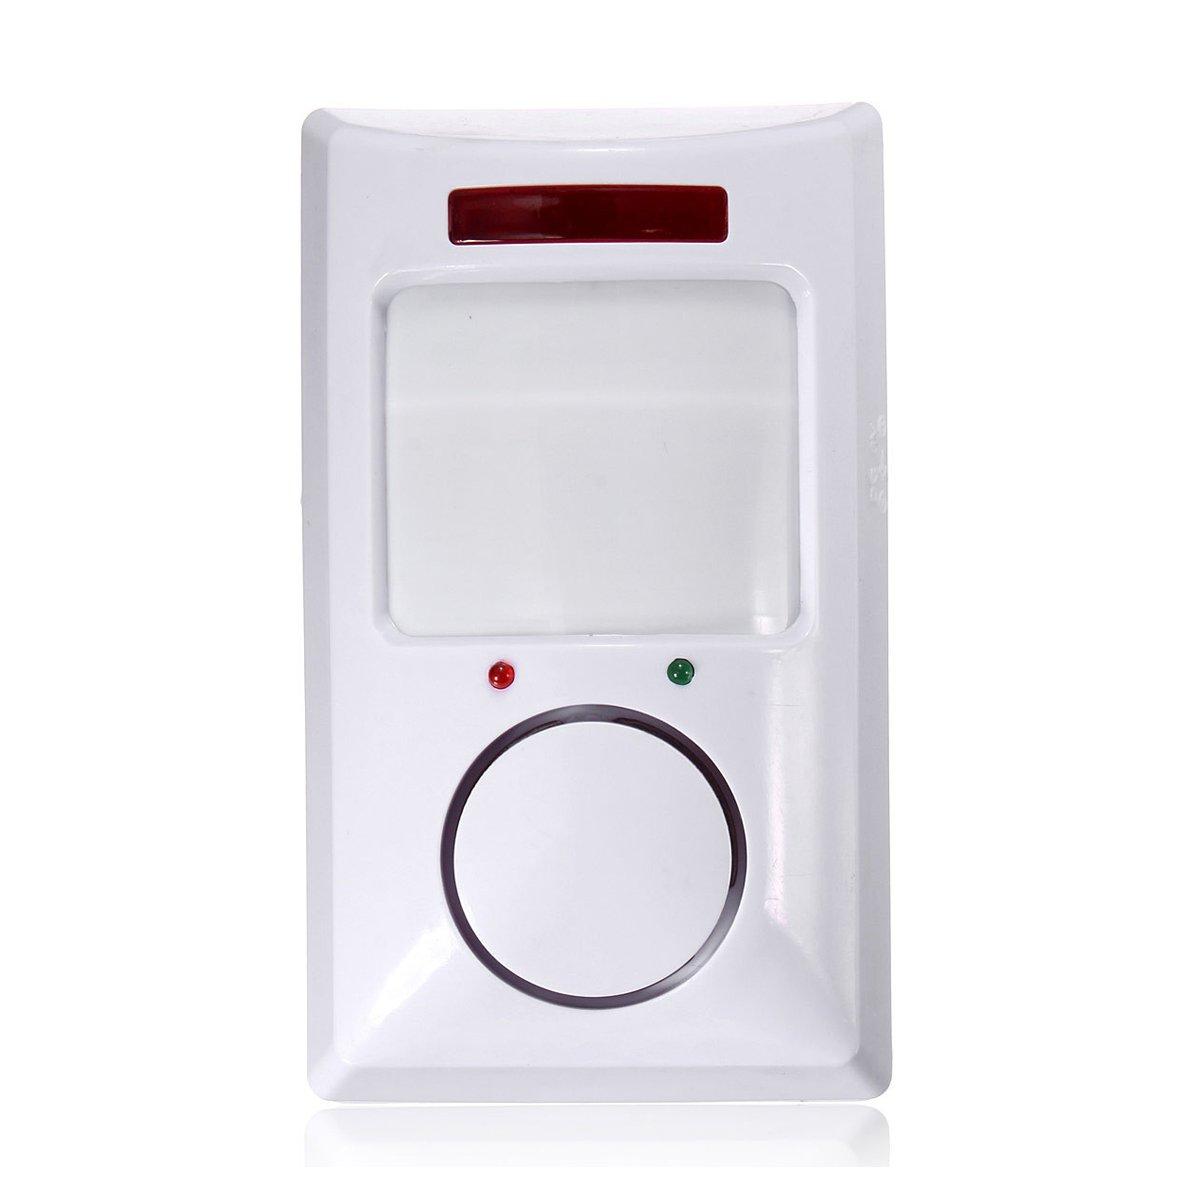 SODIAL R detector de sensor de movimiento de IR inalambrico /& sistema de alarma de seguridad remoto de casa blanco Detector de infrarrojos